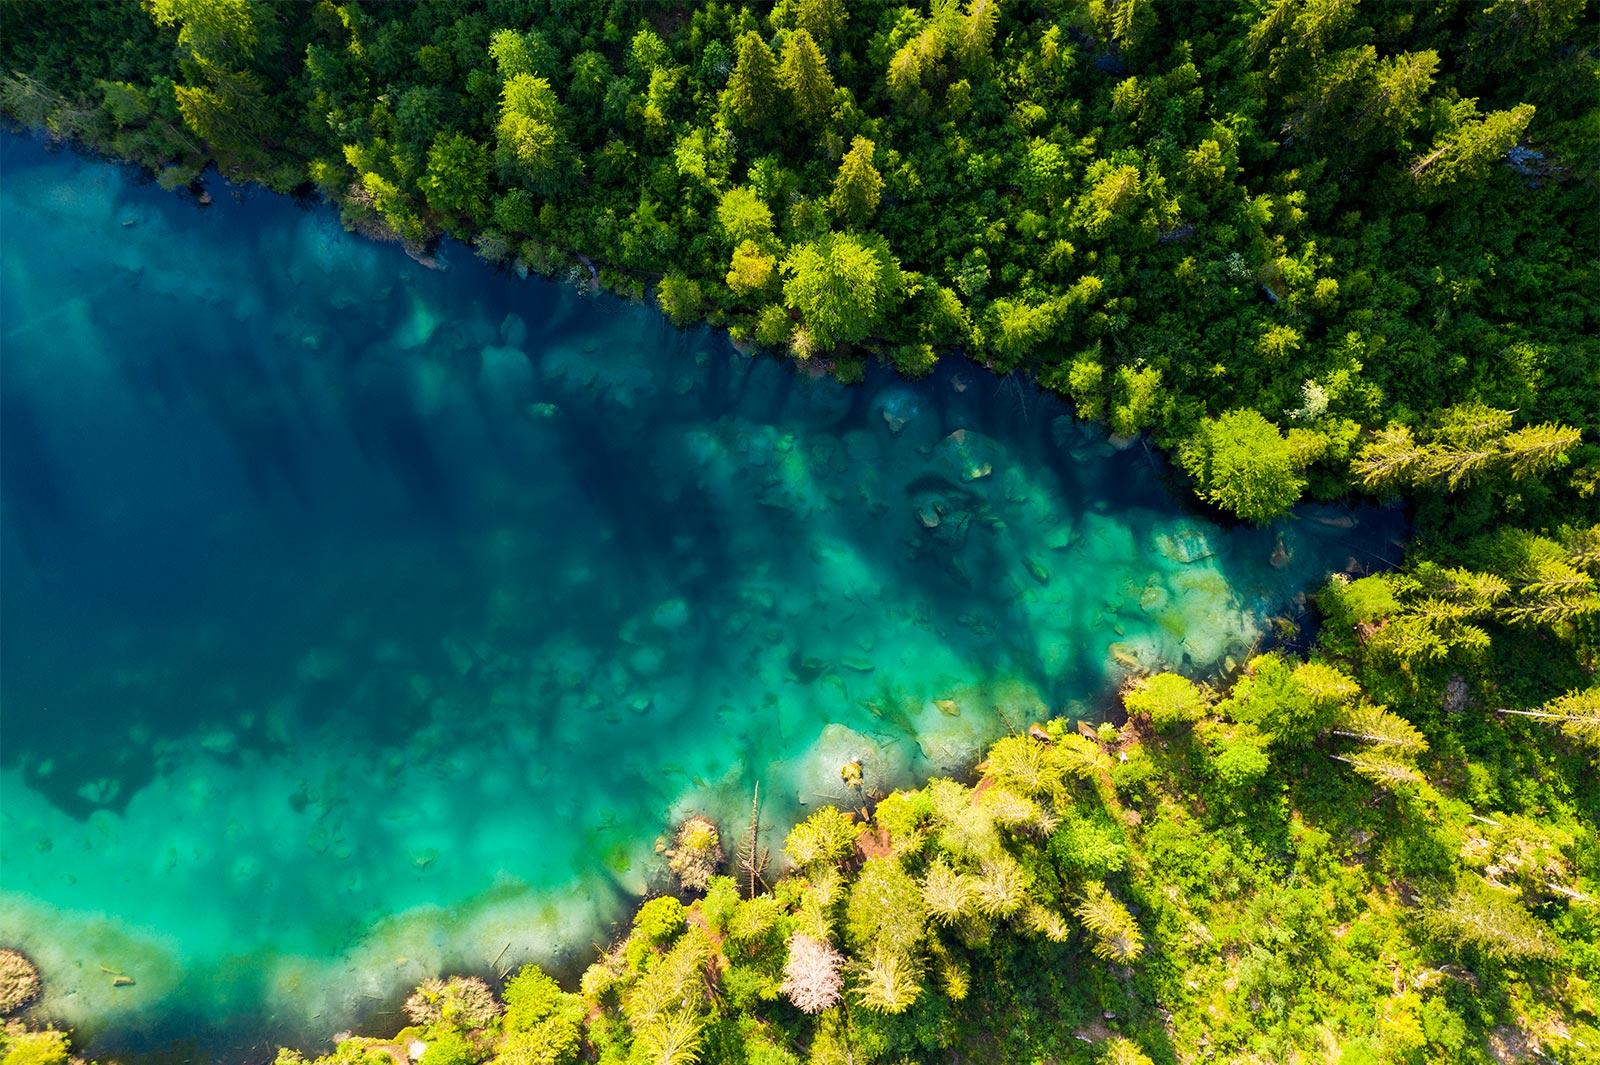 Esta imagen es un bosque natural frondoso en el que fluye un río en el centro de la vista superior. Es una imagen que describe la resolución HD.